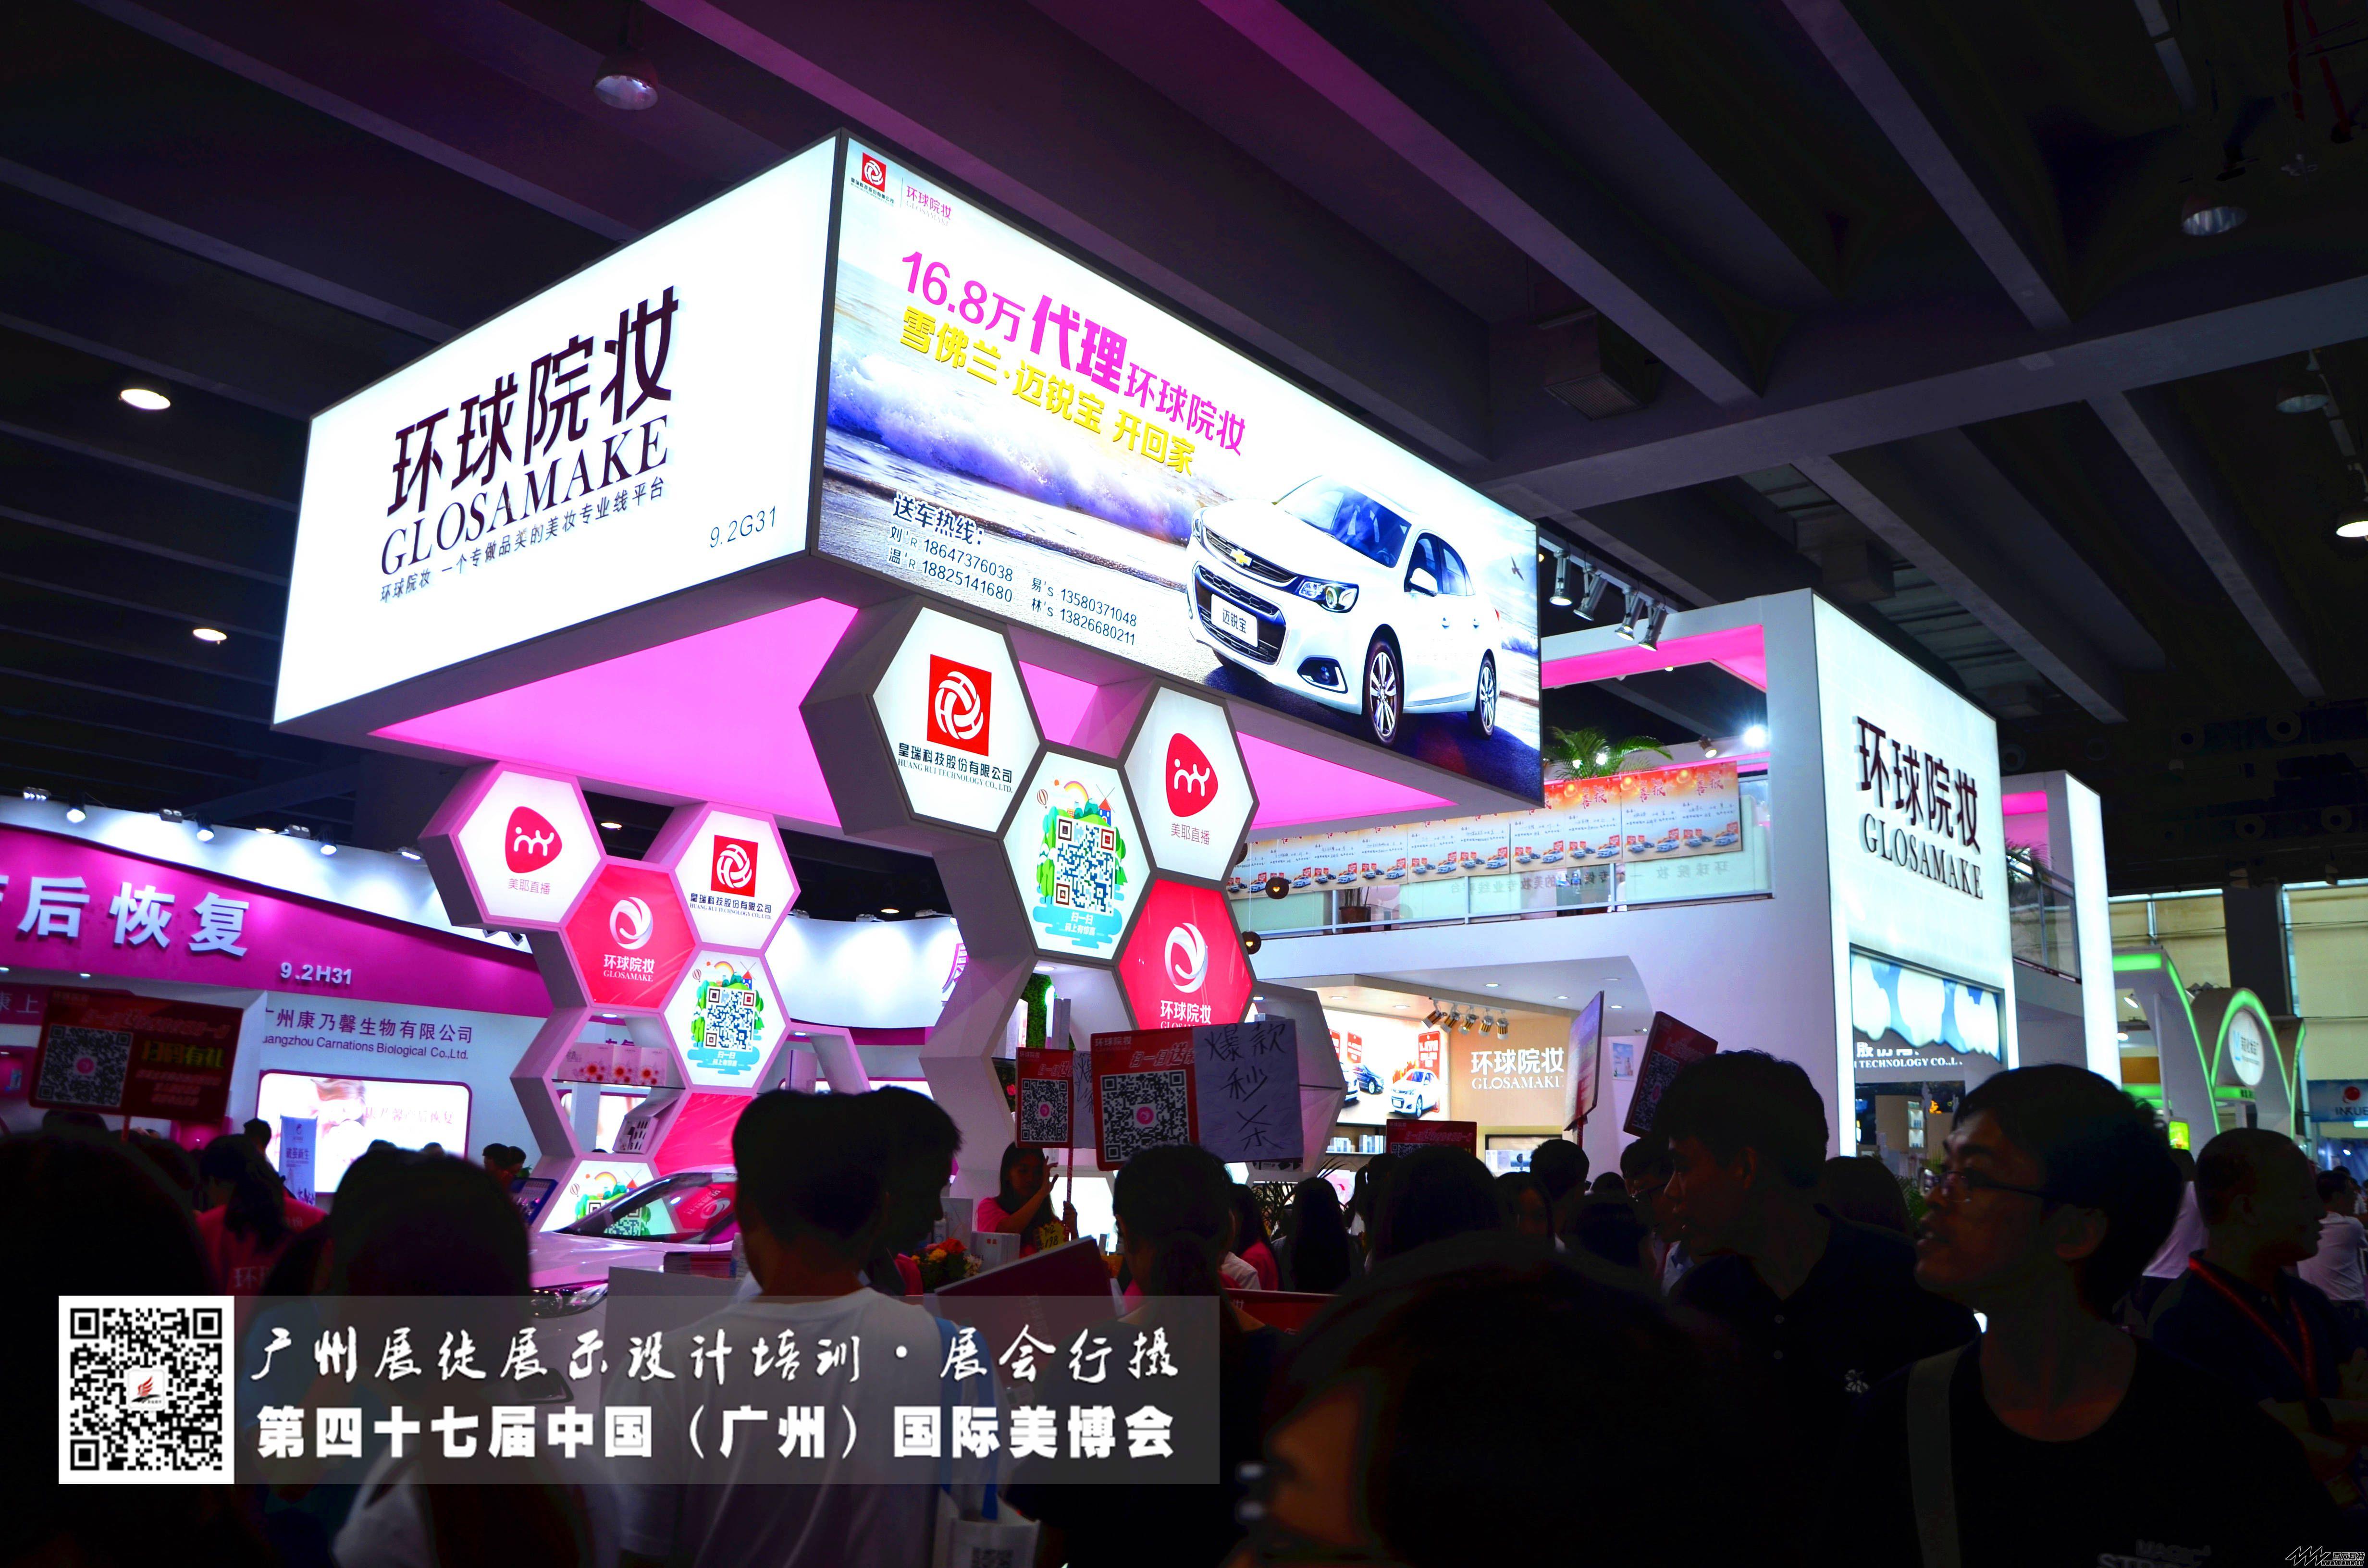 第47届广州美博会现场行摄·广州展徒展示设计培训 (48).jpg